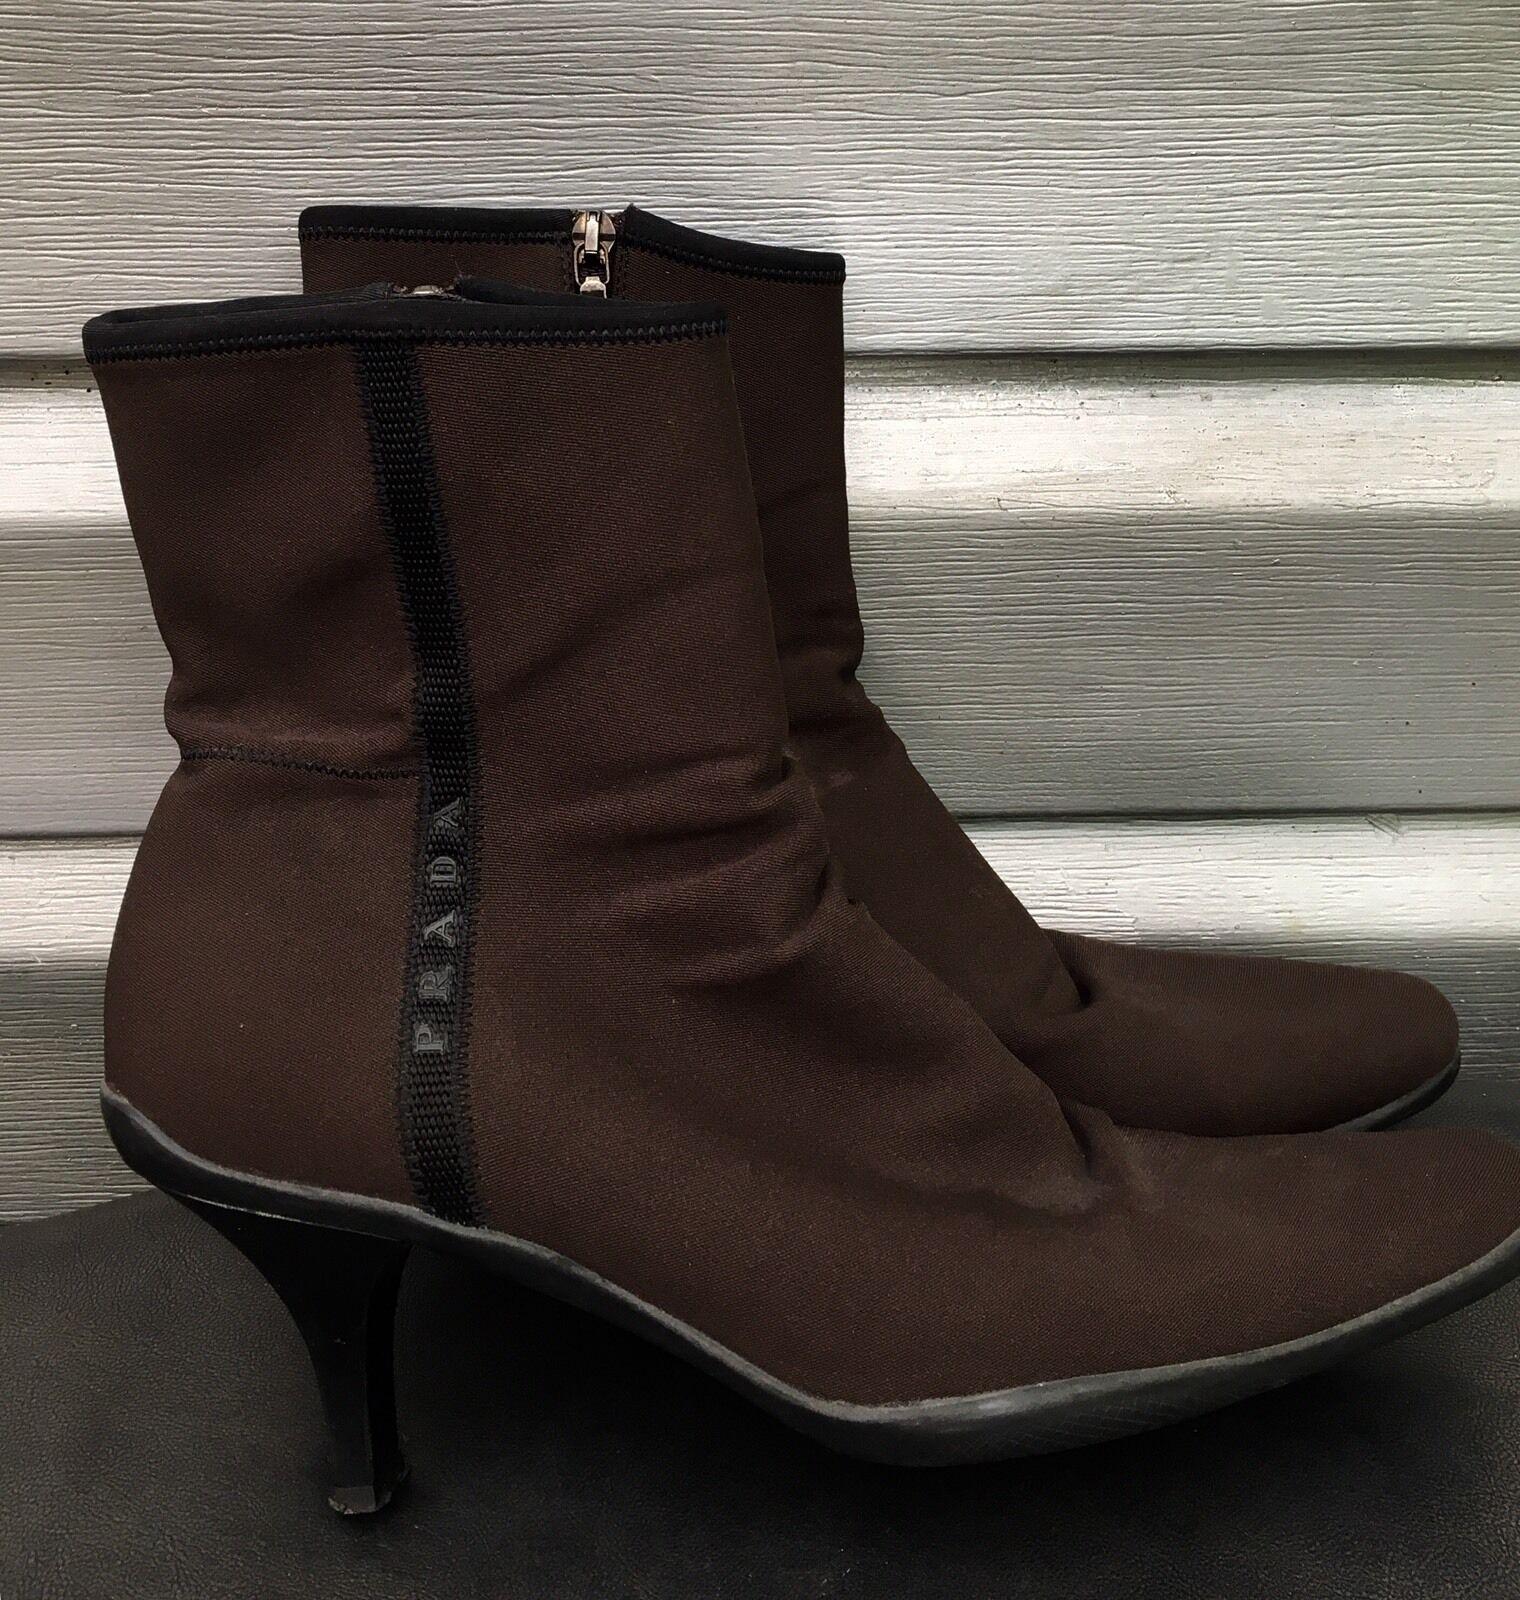 PRADA PRADA PRADA braun Tessuto Nylon Pointed Toe Rubber Ankle Stiefel e17836